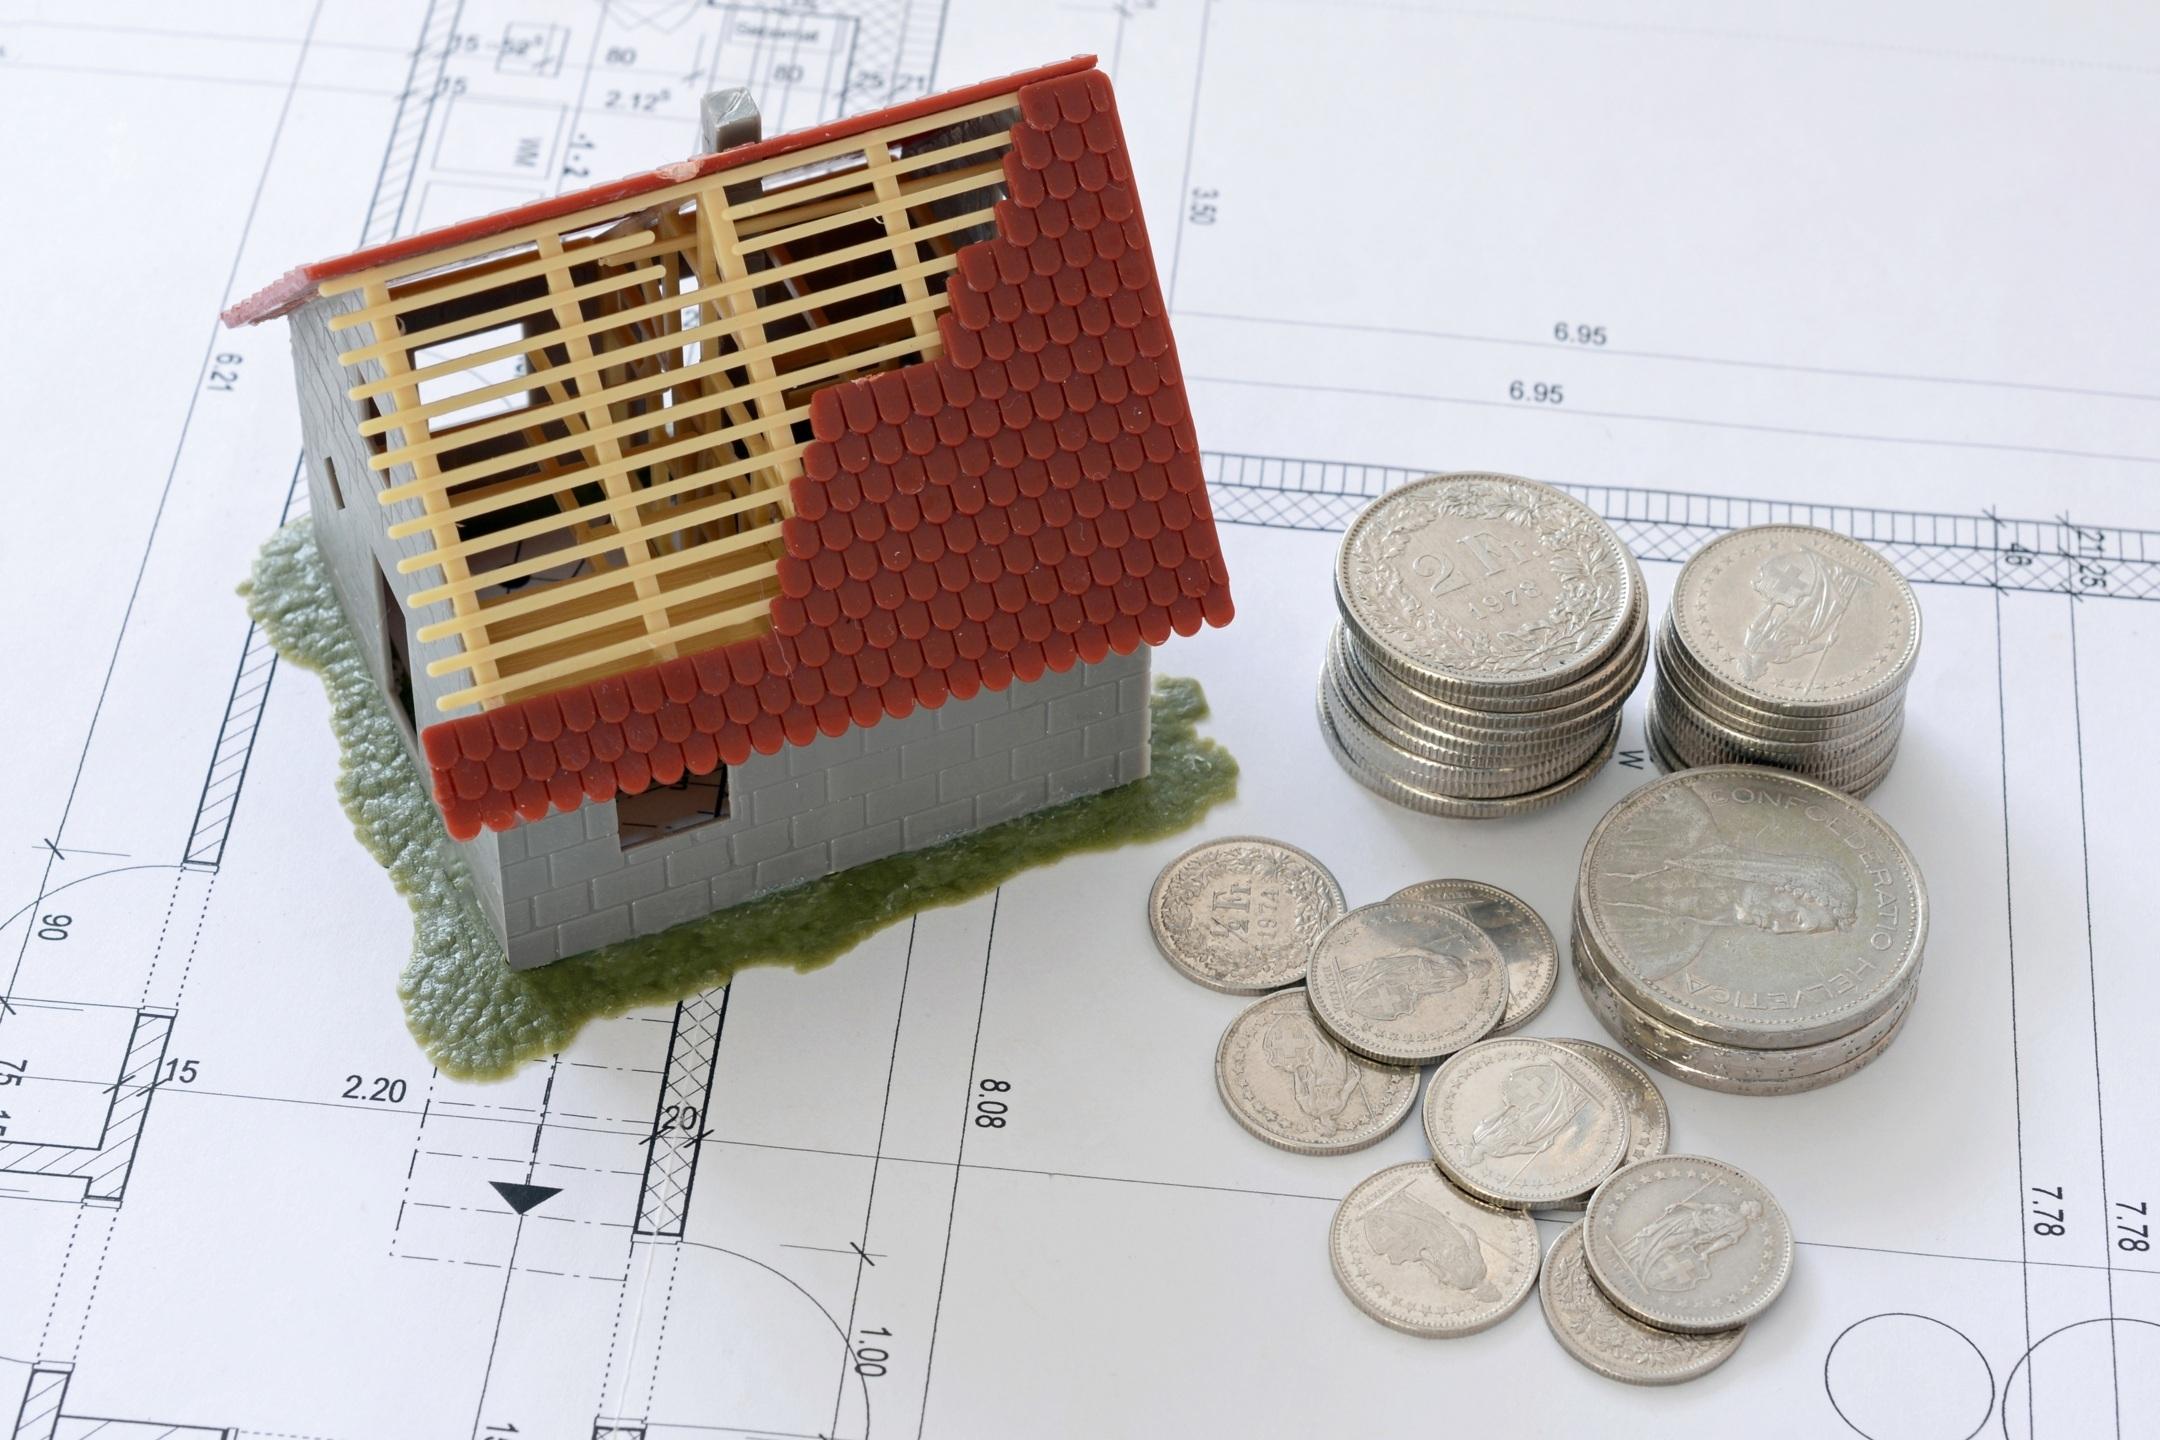 detrazione incentivo bando agevolazione fiscale